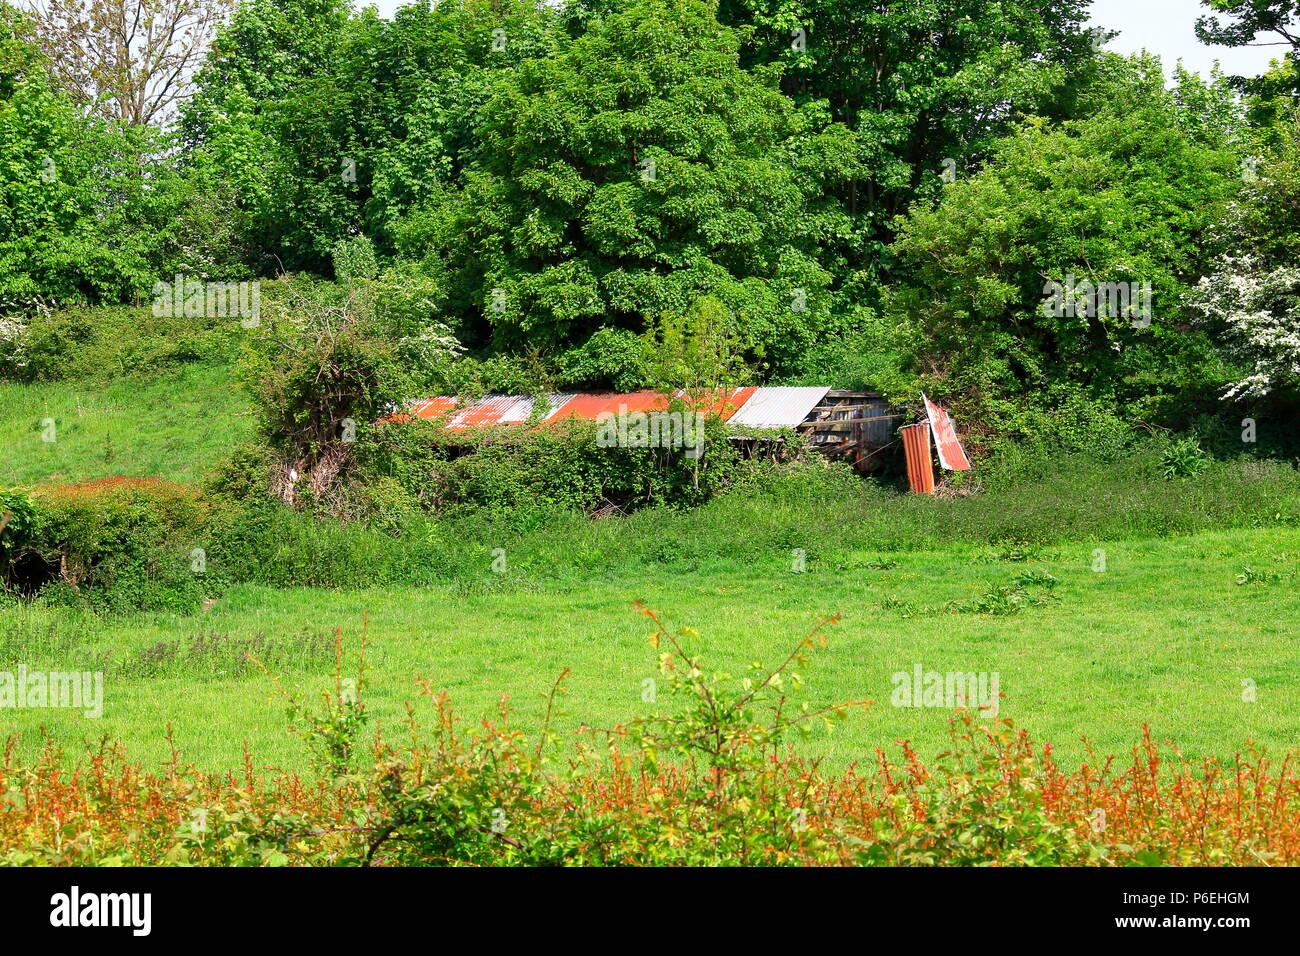 Un ancien refuge d'animaux en décomposition sur le côté d'un champ fait de bois et de feuilles d'acier galvanisé qui est tombée en ruine et à la décomposition. Banque D'Images